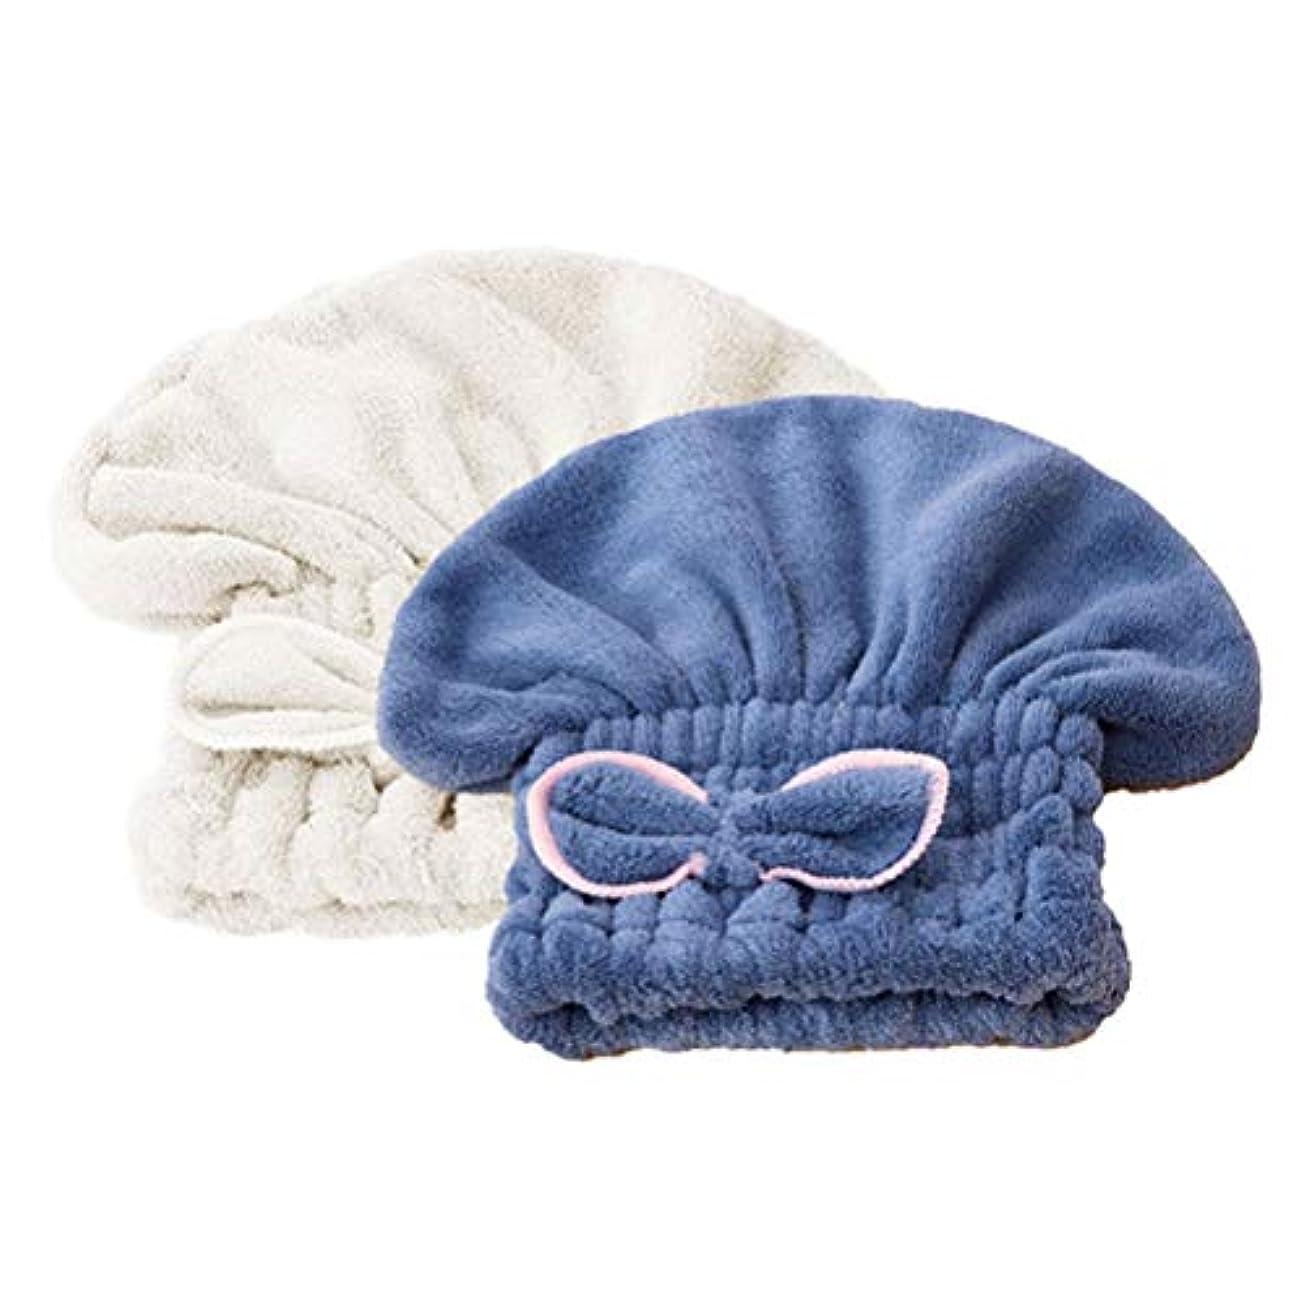 含める肘掛け椅子権利を与えるHealifty マイクロファイバー髪乾燥タオルラップ吸収シャワーキャップバスヘアキャップ2個